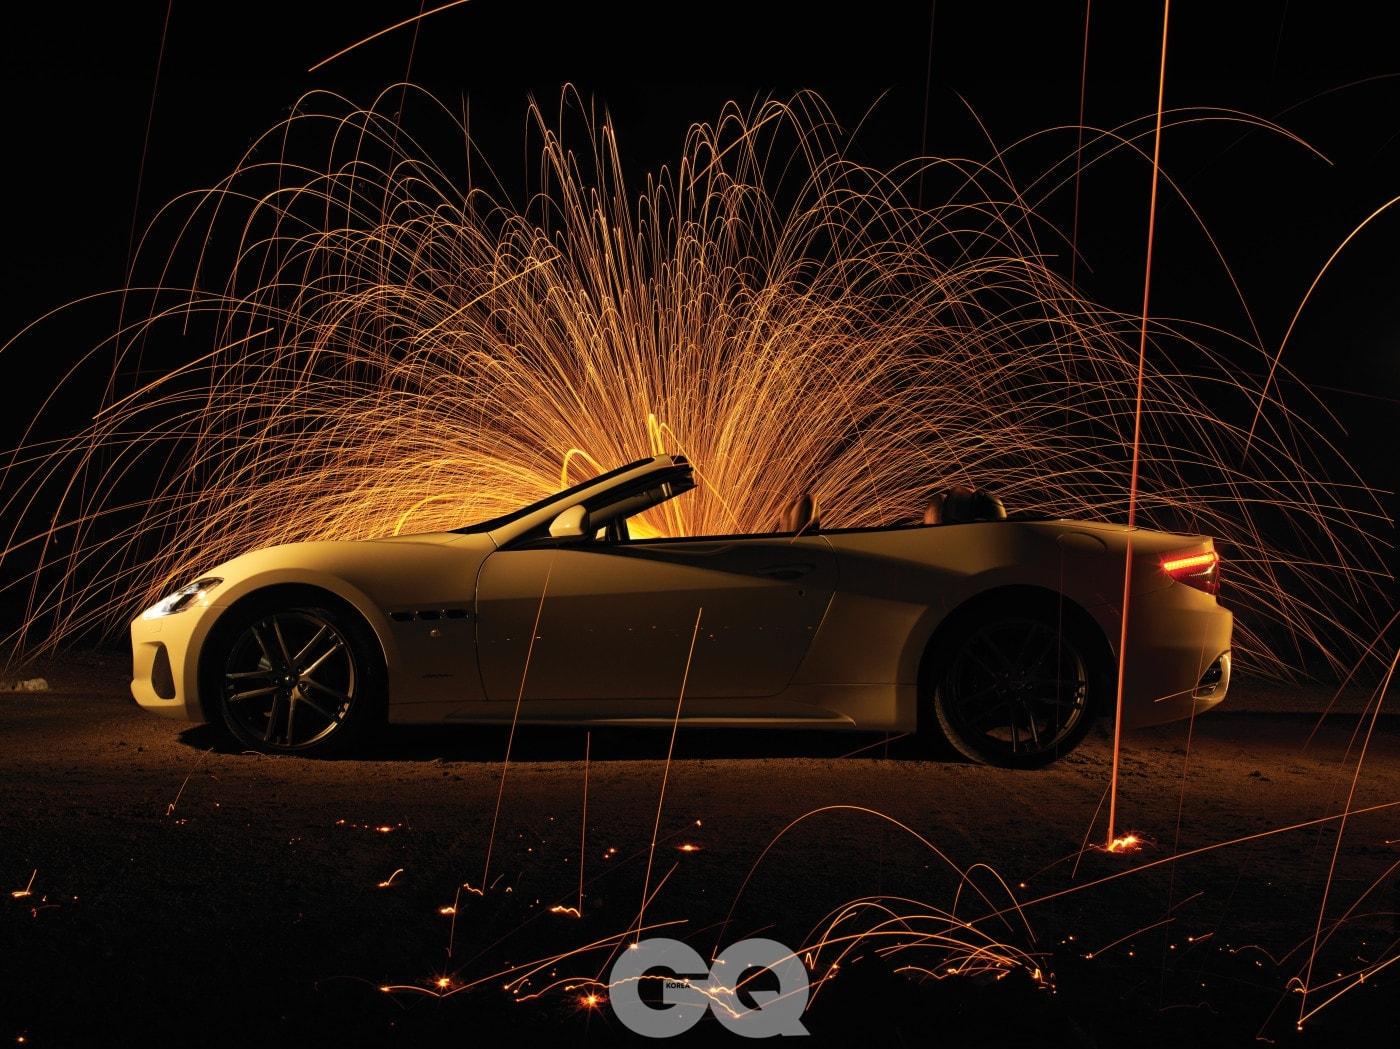 180711 GQ(car)_0347